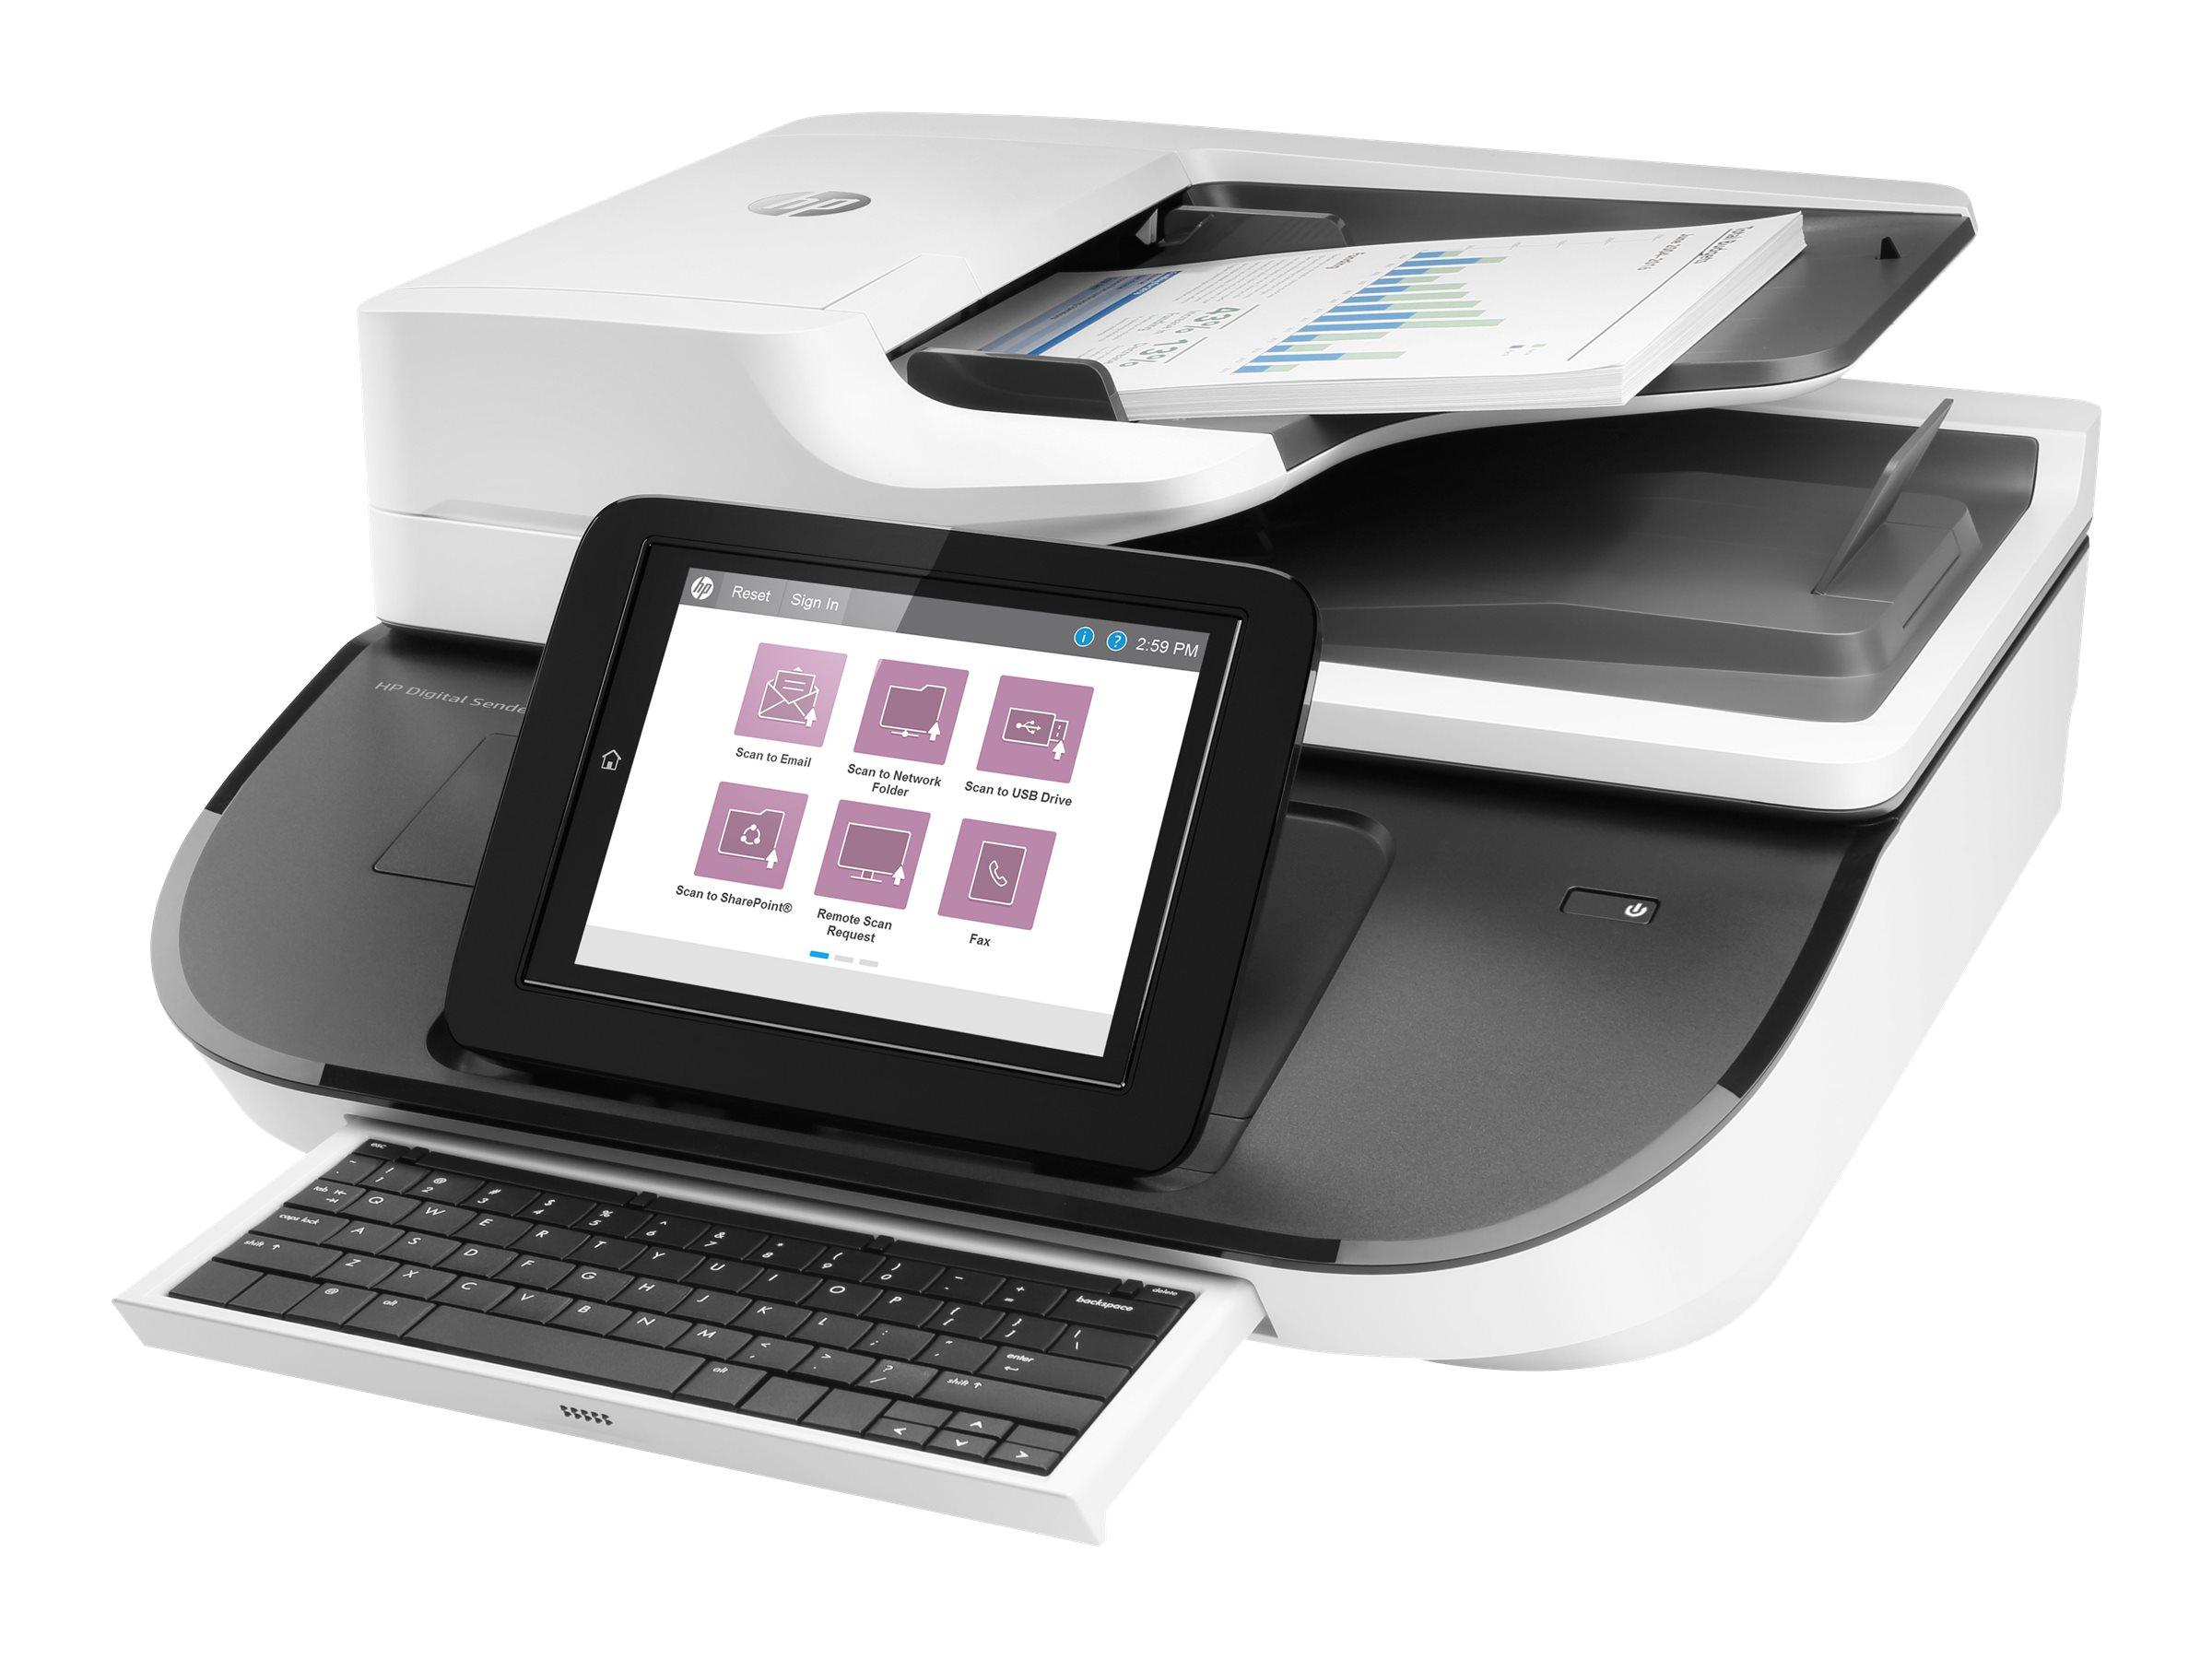 HP Digital Sender Flow 8500fn2 - Dokumentenscanner - Duplex - 216 x 864 mm - 600 dpi - bis zu 100 Seiten/Min. (einfarbig)